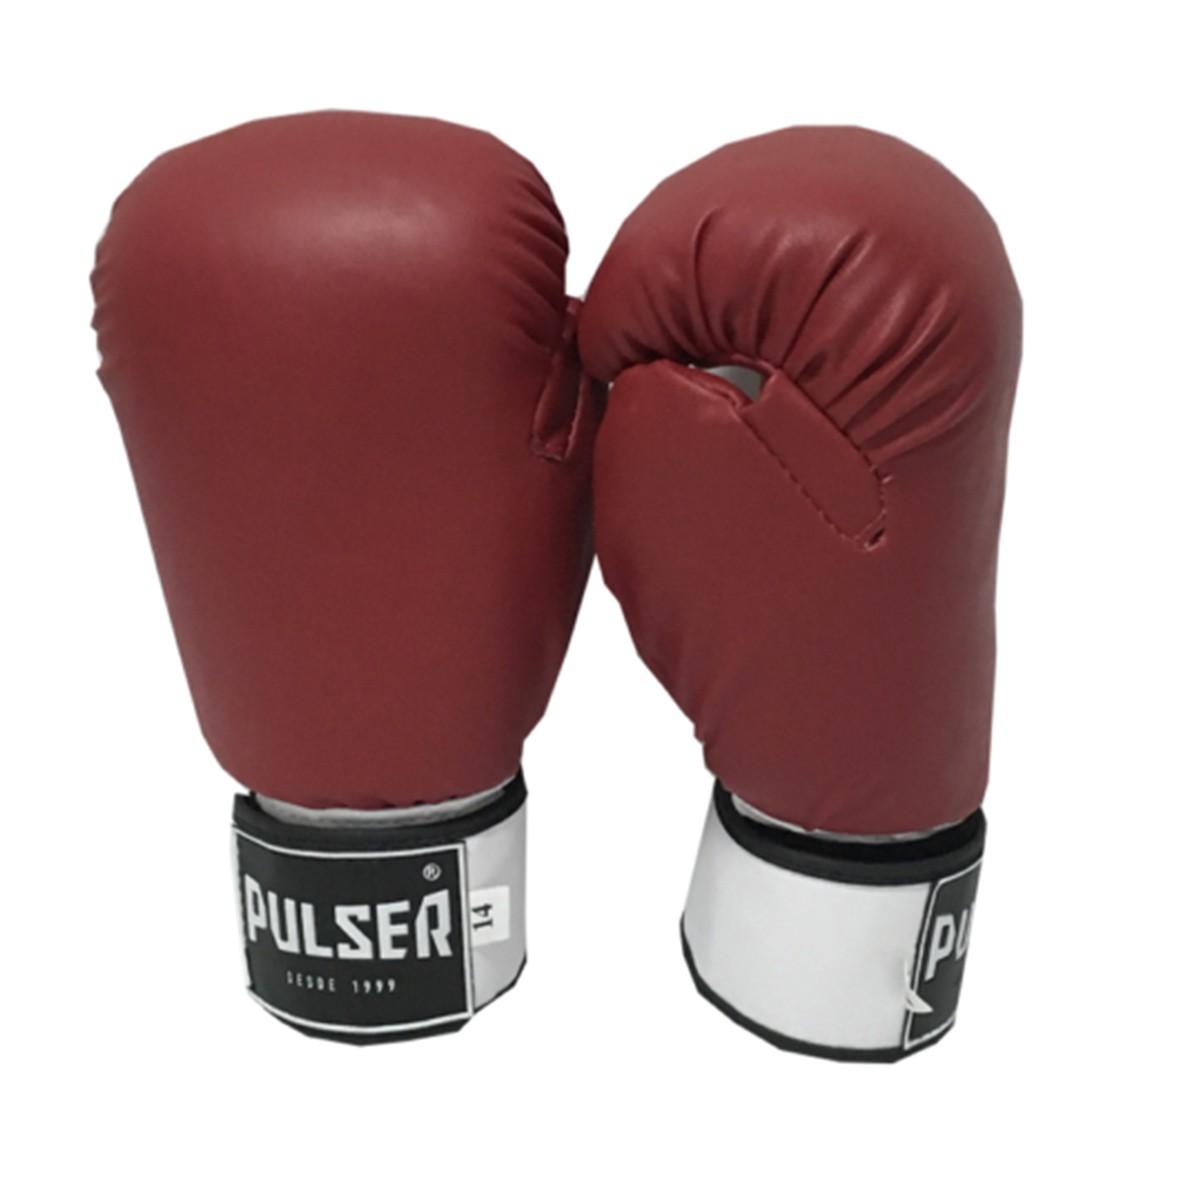 Kit de Boxe / Muay Thai 12oz - Vermelho - Pulser  - PRALUTA SHOP